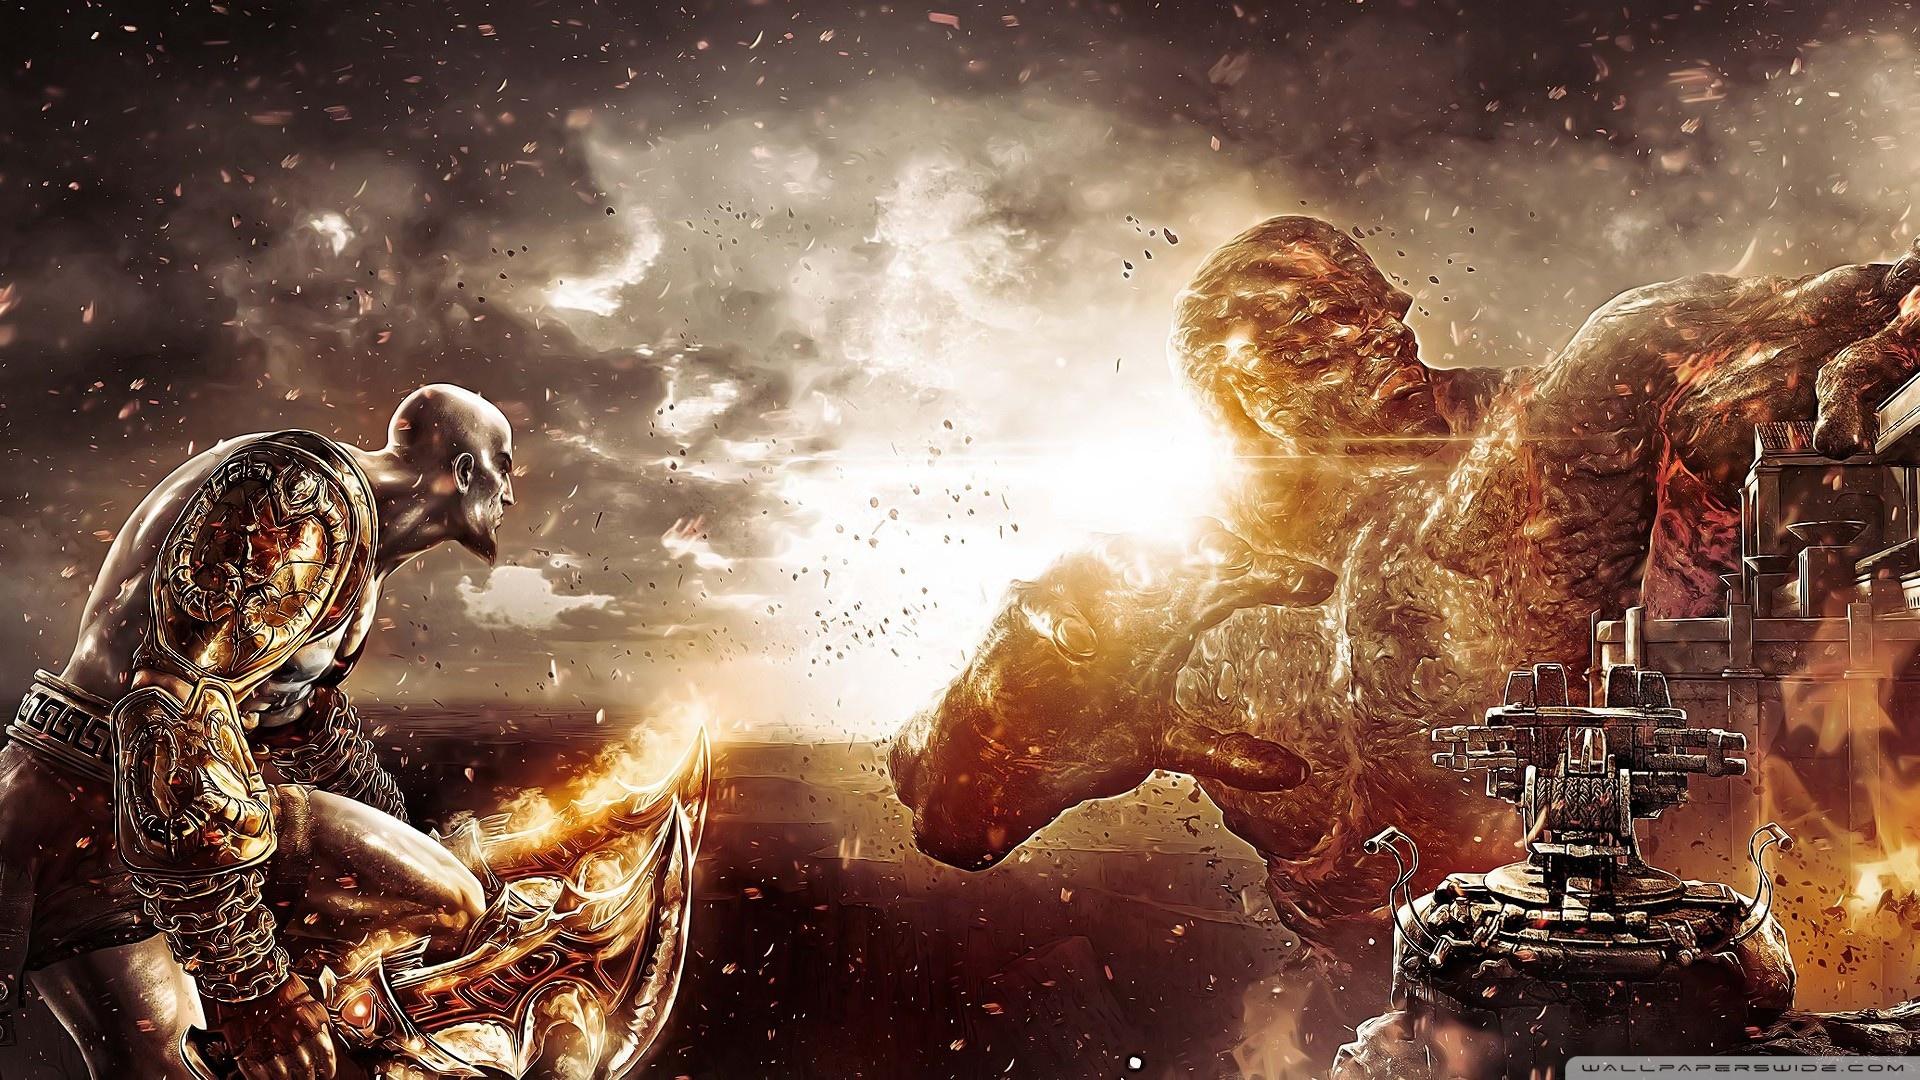 Download Free WallpaperGod   War Kratos